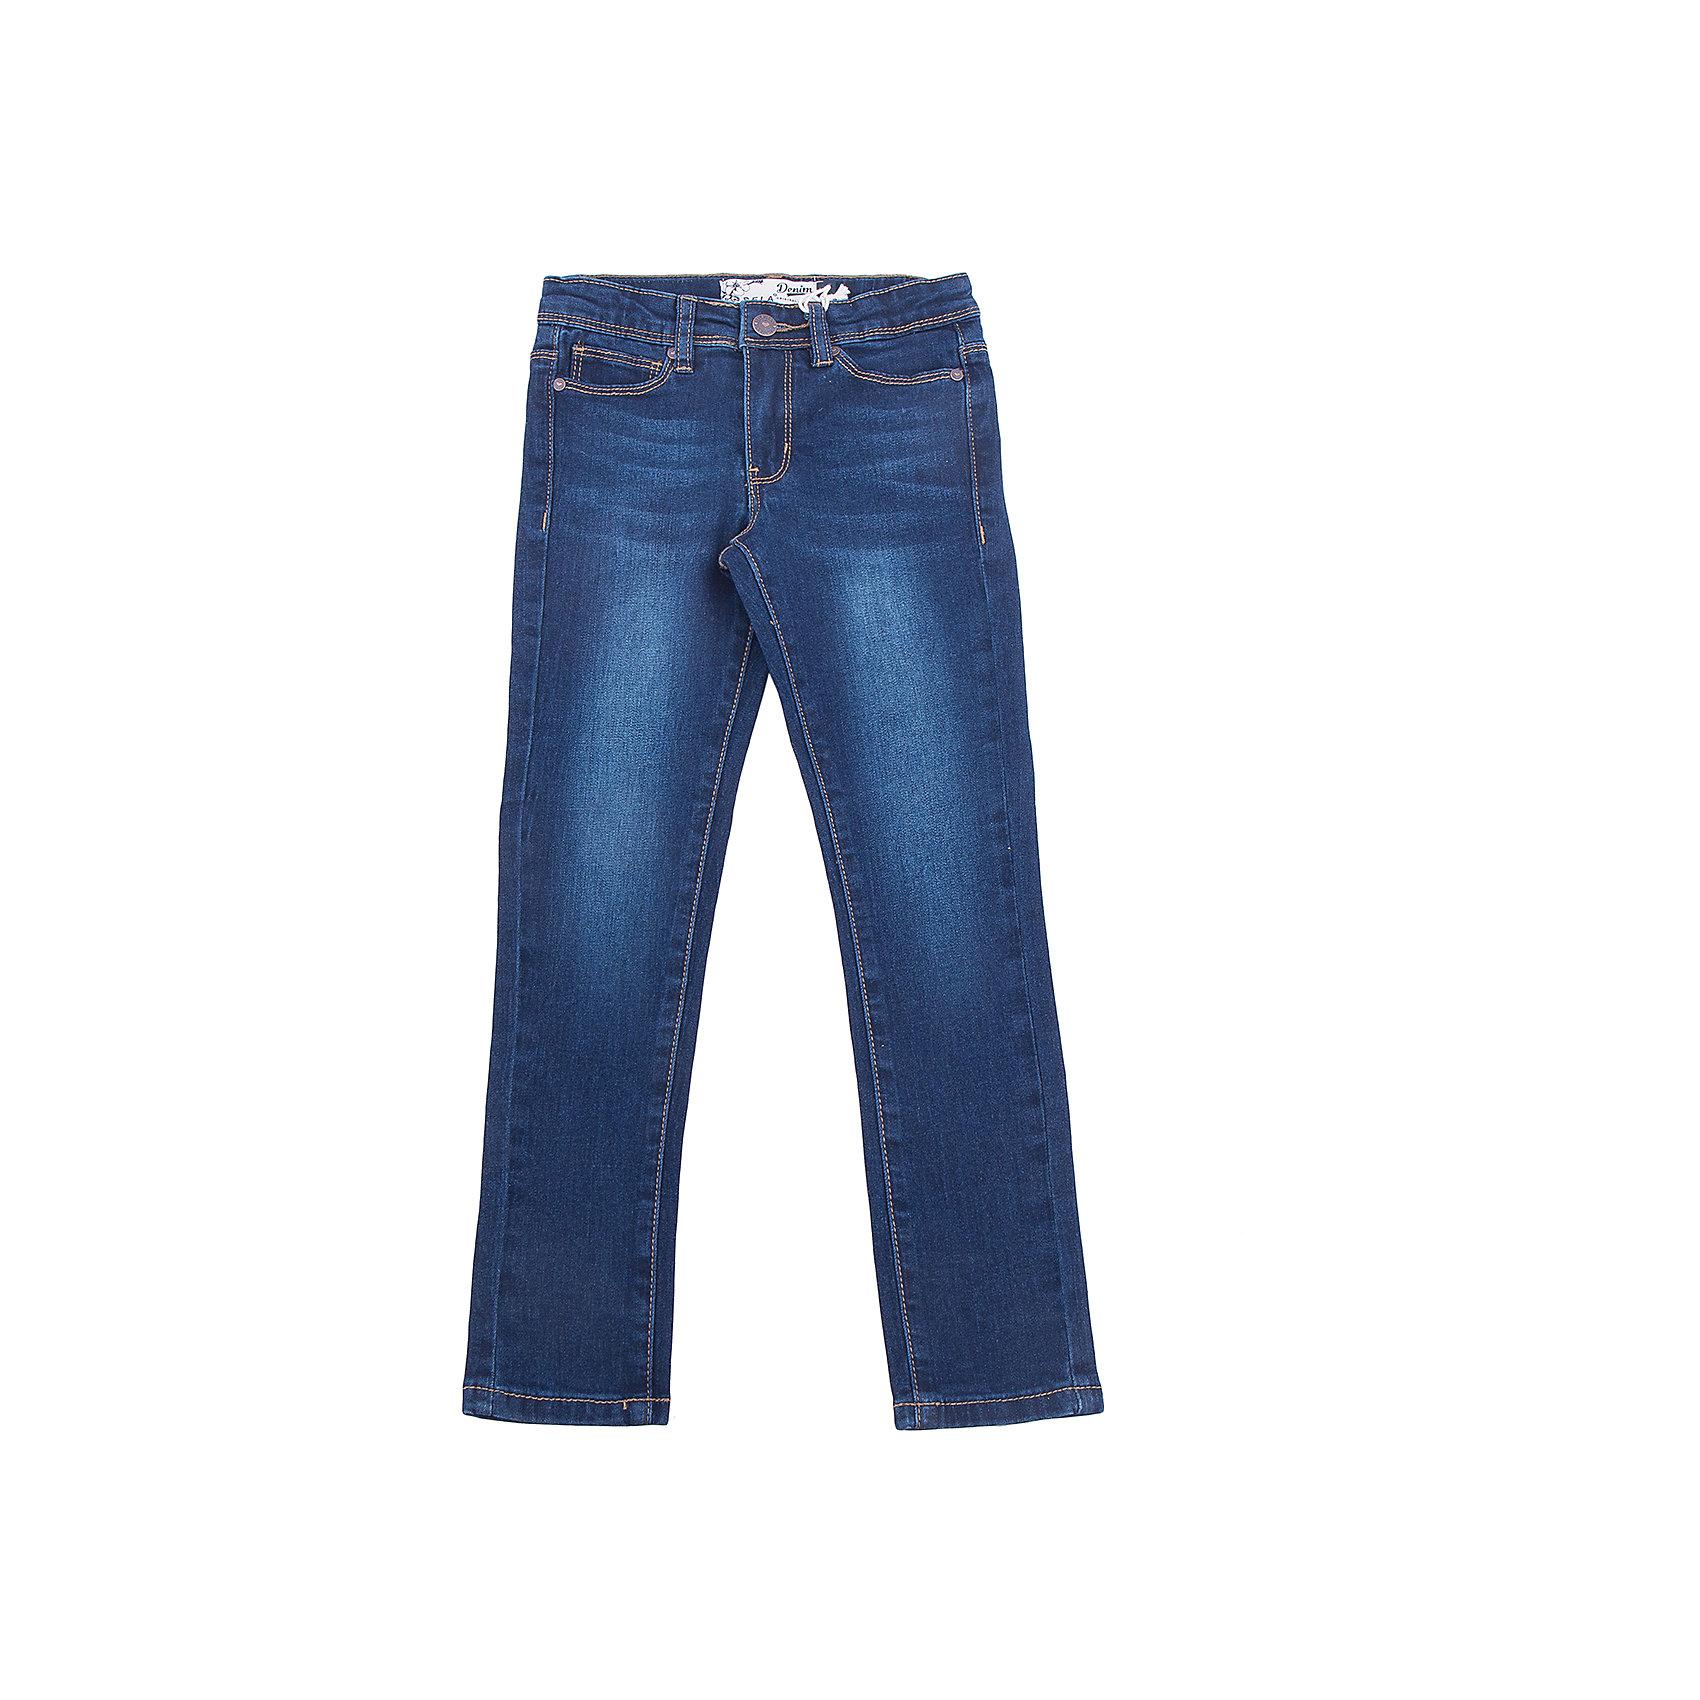 Джинсы для девочки SELAКлассические джинсы - незаменимая вещь в детском гардеробе. Эта модель отлично сидит на ребенке, она сшита из плотного материала, натуральный хлопок не вызывает аллергии и обеспечивает ребенку комфорт. Модель станет отличной базовой вещью, которая будет уместна в различных сочетаниях.<br>Одежда от бренда Sela (Села) - это качество по приемлемым ценам. Многие российские родители уже оценили преимущества продукции этой компании и всё чаще приобретают одежду и аксессуары Sela.<br><br>Дополнительная информация:<br><br>цвет: синий;<br>материал: 65% хлопок, 33% ПЭ, 2% эластан; подкладка:100% ПЭ;<br>плотный материал;<br>классический силуэт.<br><br>Джинсы для девочки от бренда Sela можно купить в нашем интернет-магазине.<br><br>Ширина мм: 215<br>Глубина мм: 88<br>Высота мм: 191<br>Вес г: 336<br>Цвет: синий<br>Возраст от месяцев: 60<br>Возраст до месяцев: 72<br>Пол: Женский<br>Возраст: Детский<br>Размер: 116,152,146,140,134,128,122<br>SKU: 5008065